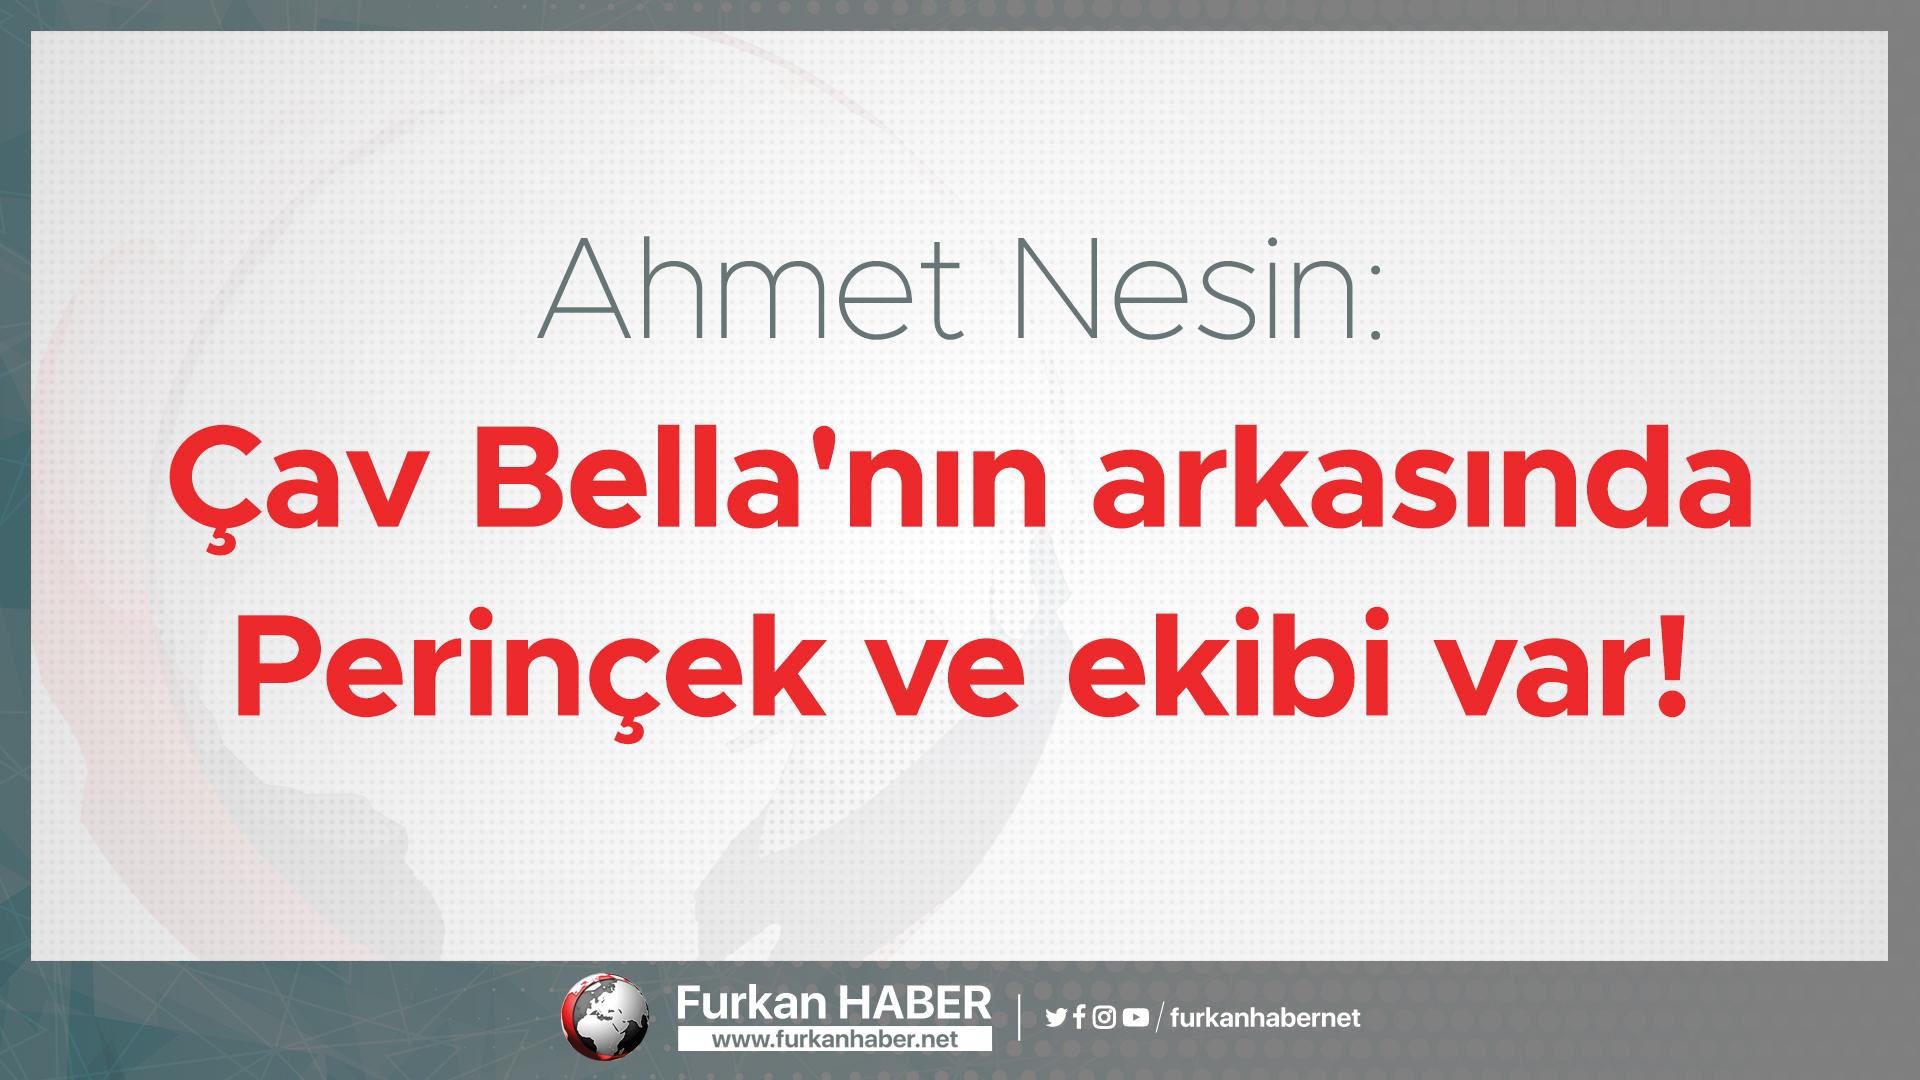 Ahmet Nesin: Çav Bella'nın arkasında Perinçek ve ekibi var!